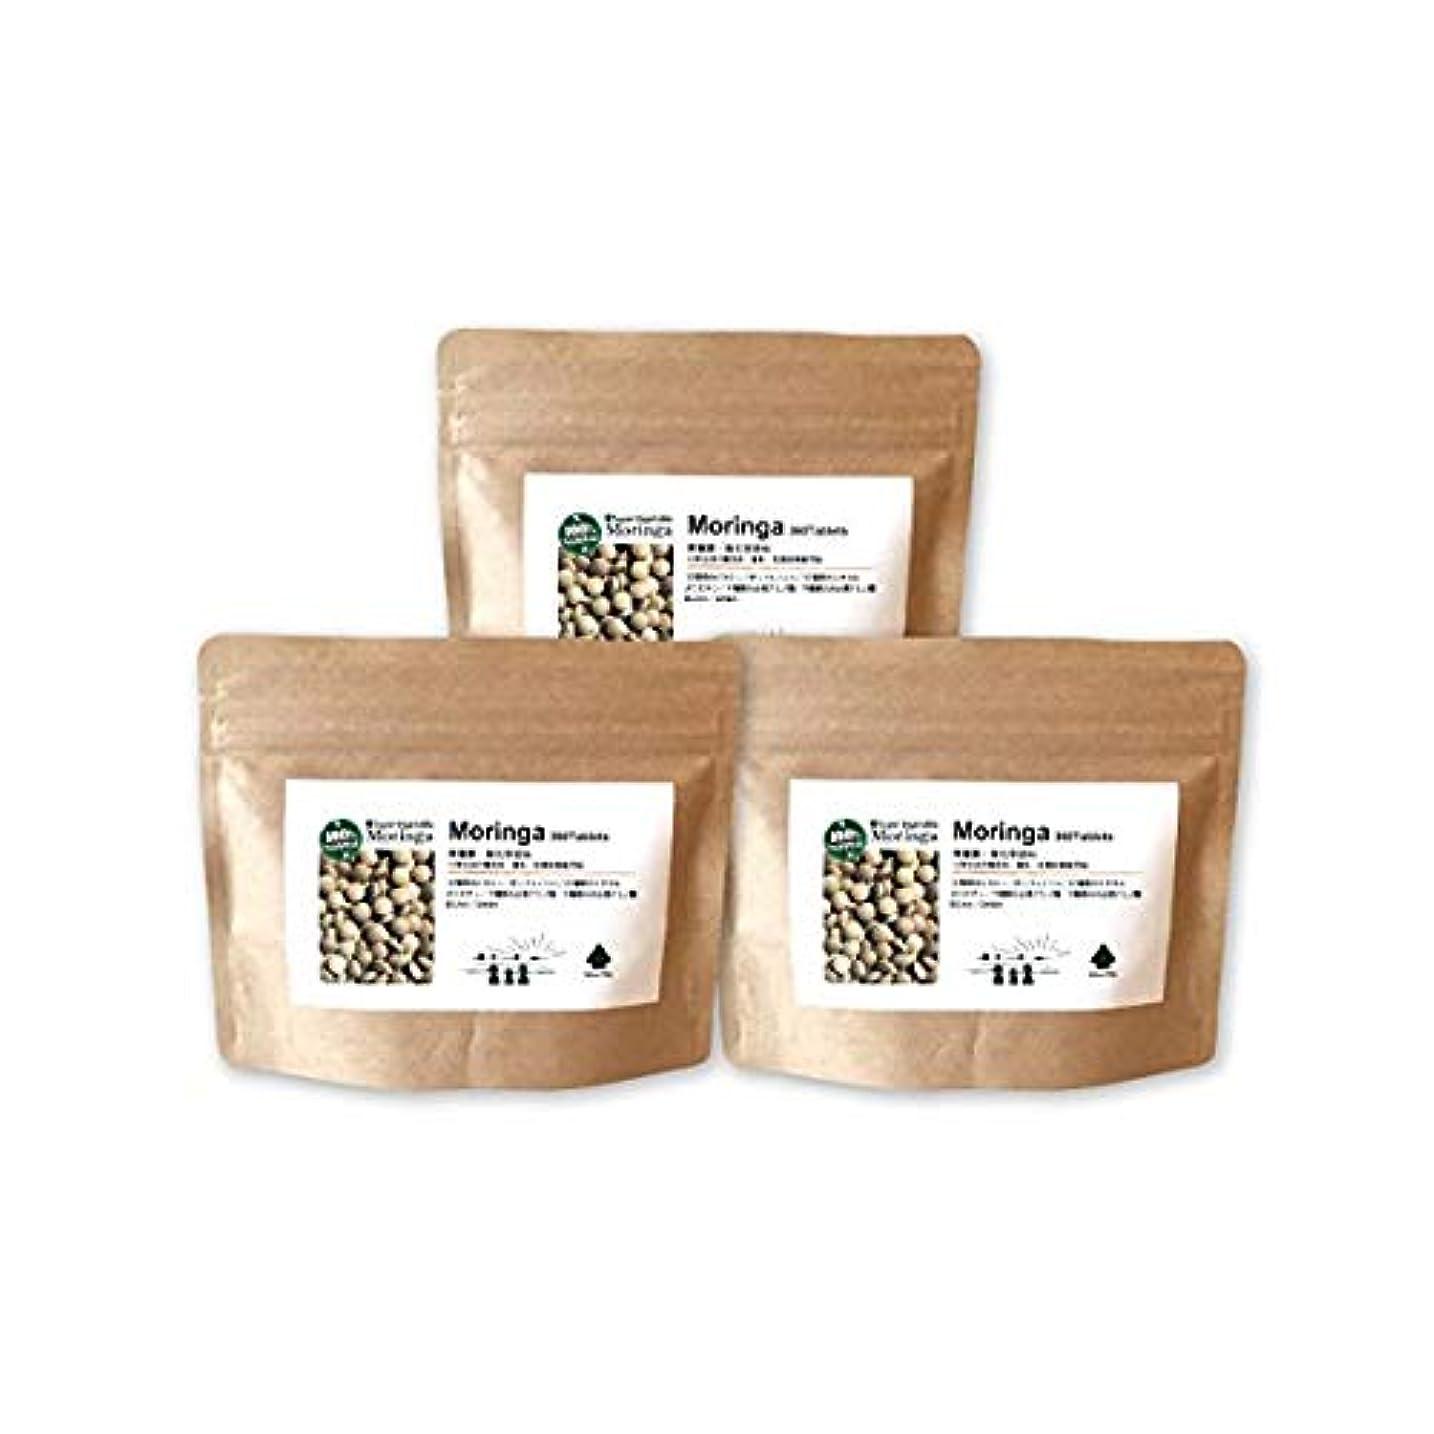 部門合唱団アノイモリンガ粒(3個セット) 沖縄産の無農薬?無化学肥料栽培モリンガ葉使用